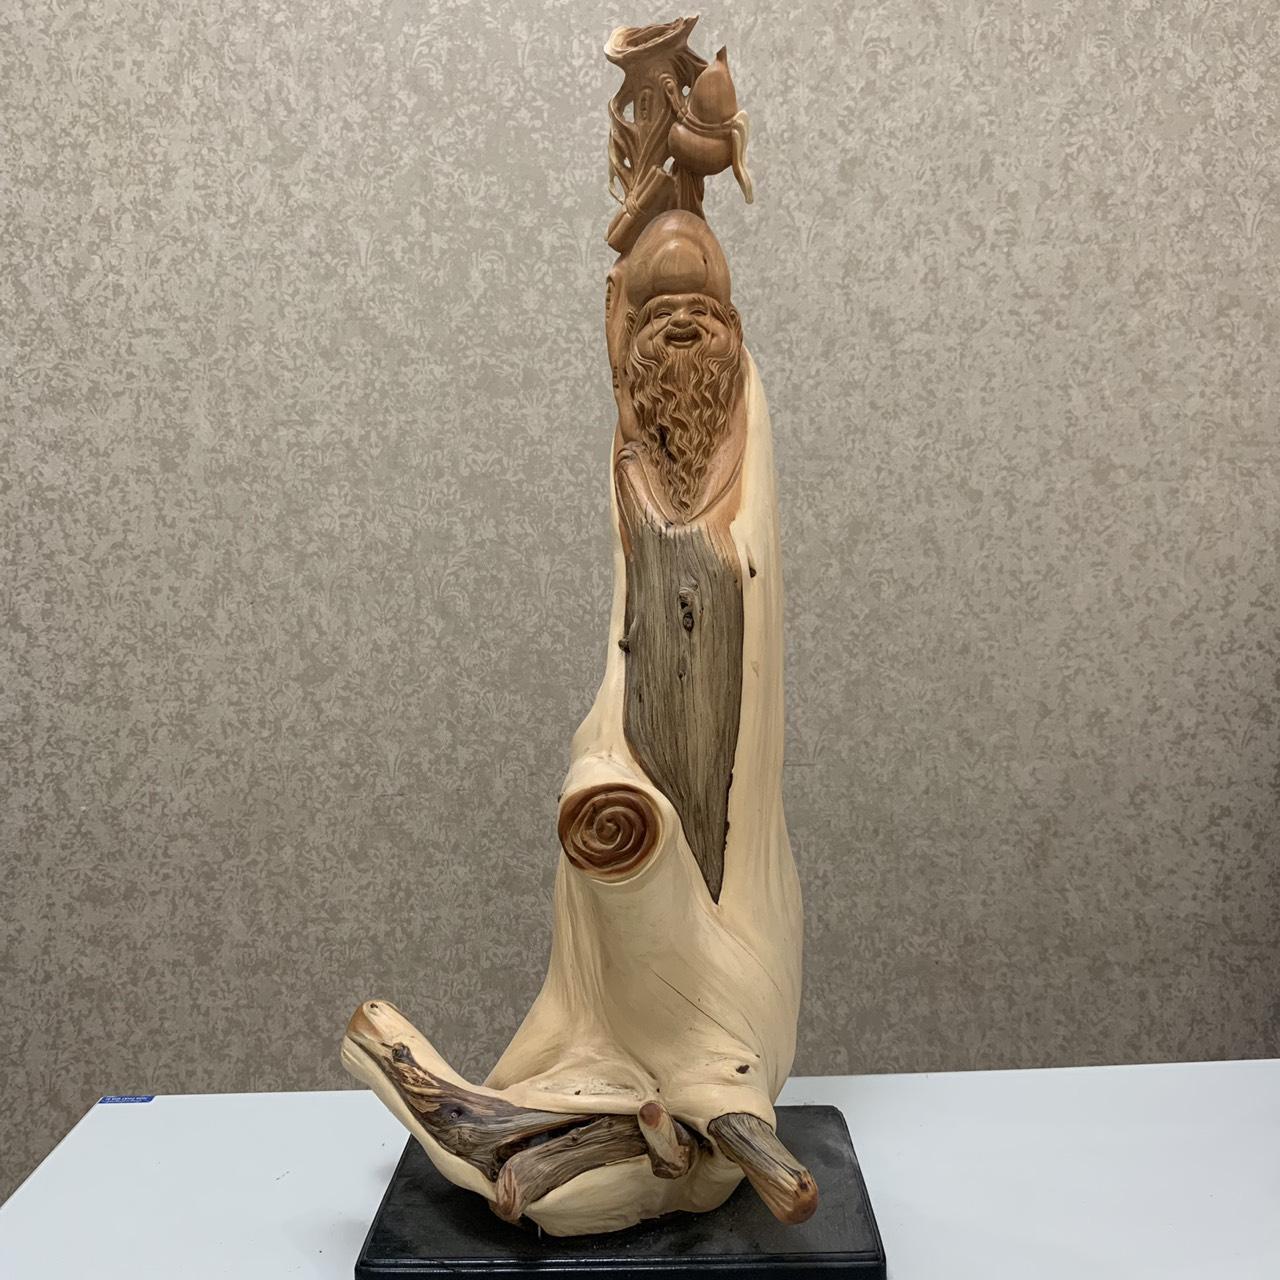 Mua Tượng Cụ Thọ gỗ Nhai Bách độc đáo